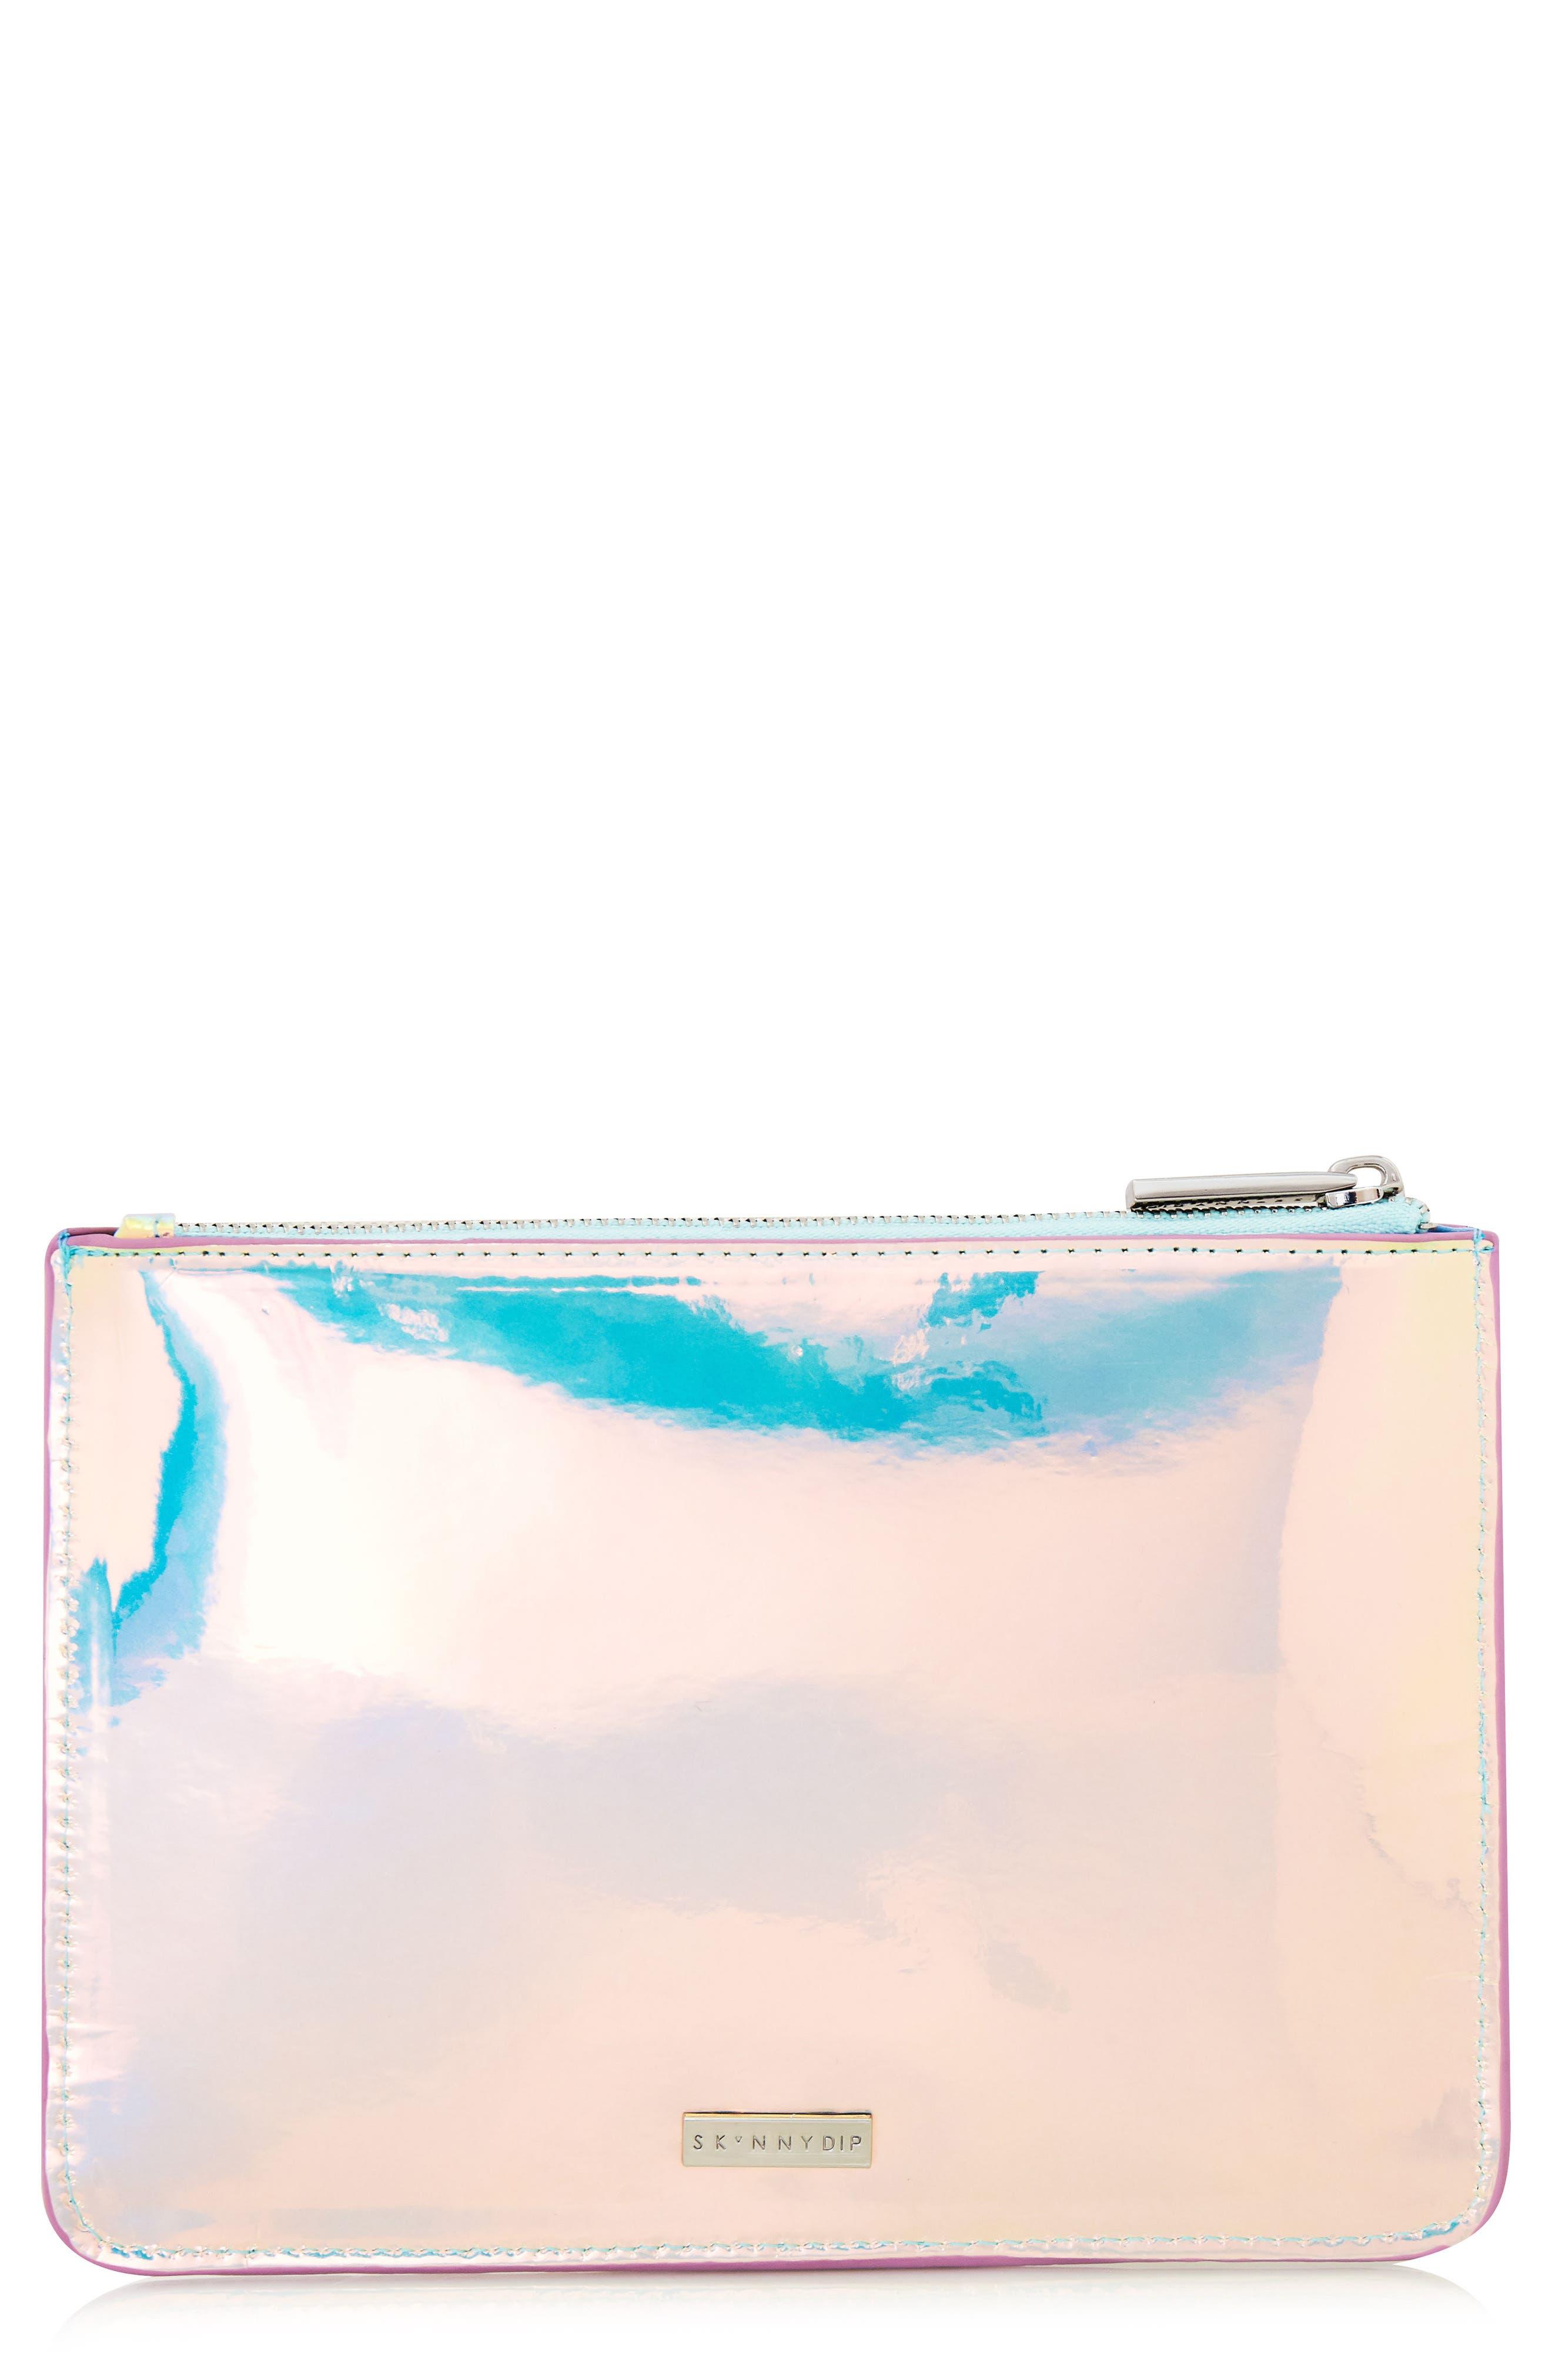 Skinny Dip Ocean Makeup Bag,                         Main,                         color, No Color